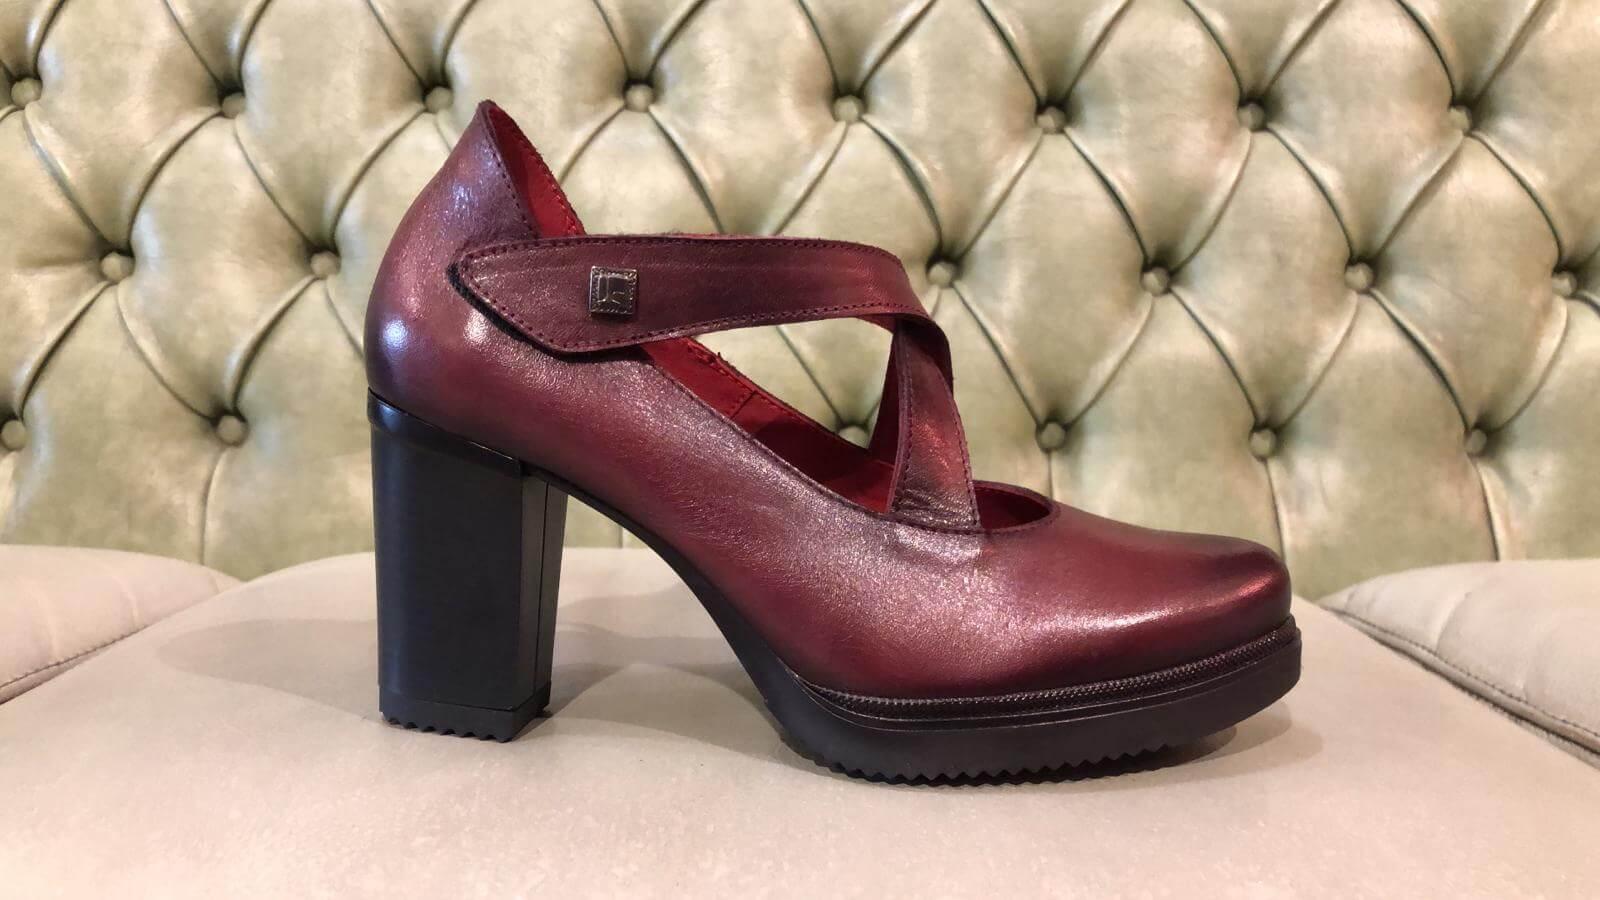 Red Pumps High Heel